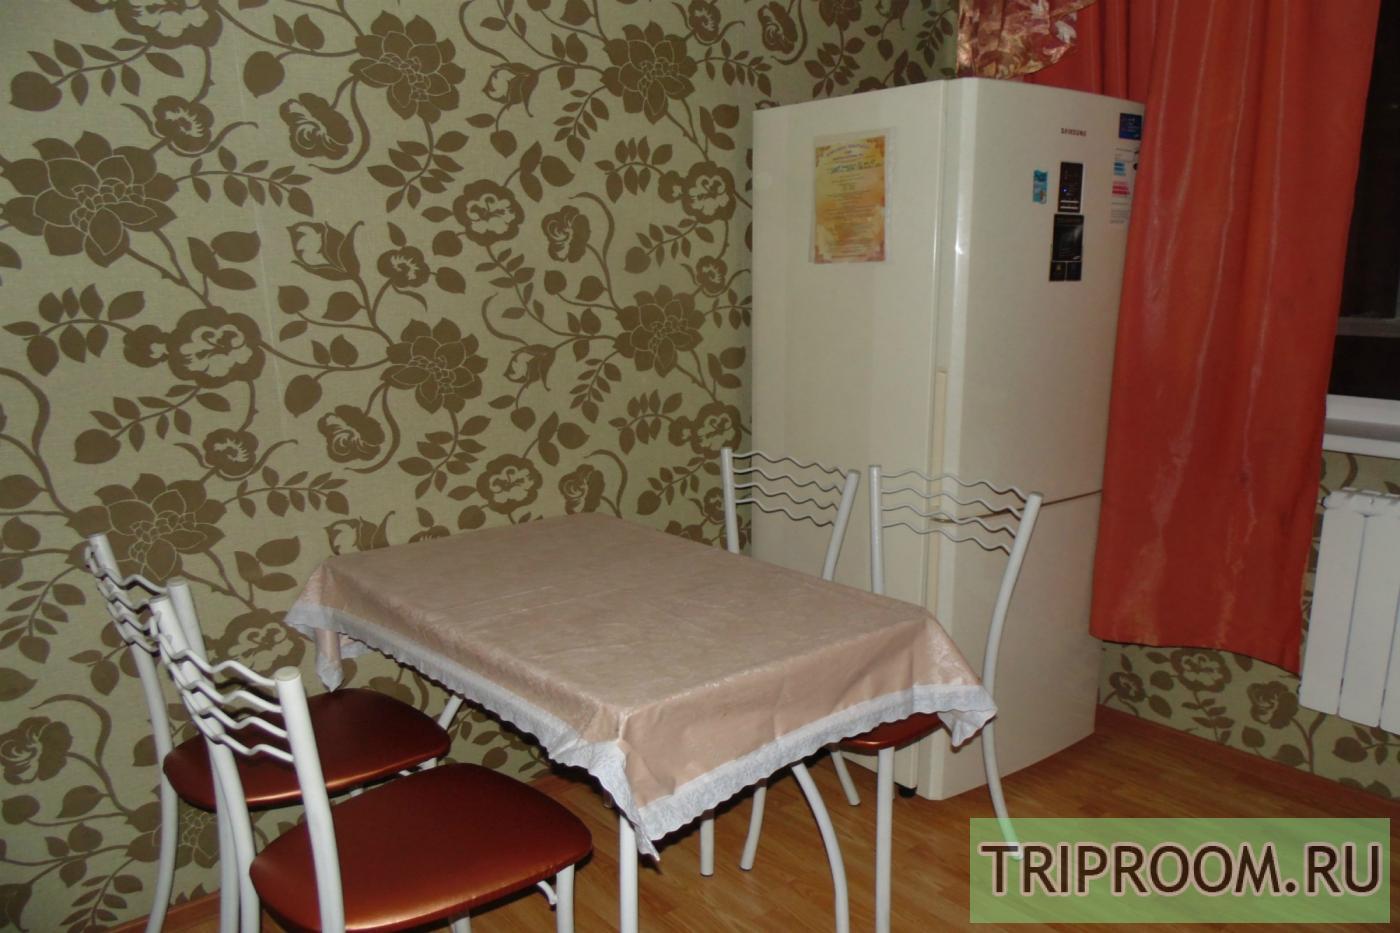 1-комнатная квартира посуточно (вариант № 23639), ул. Невского улица, фото № 4